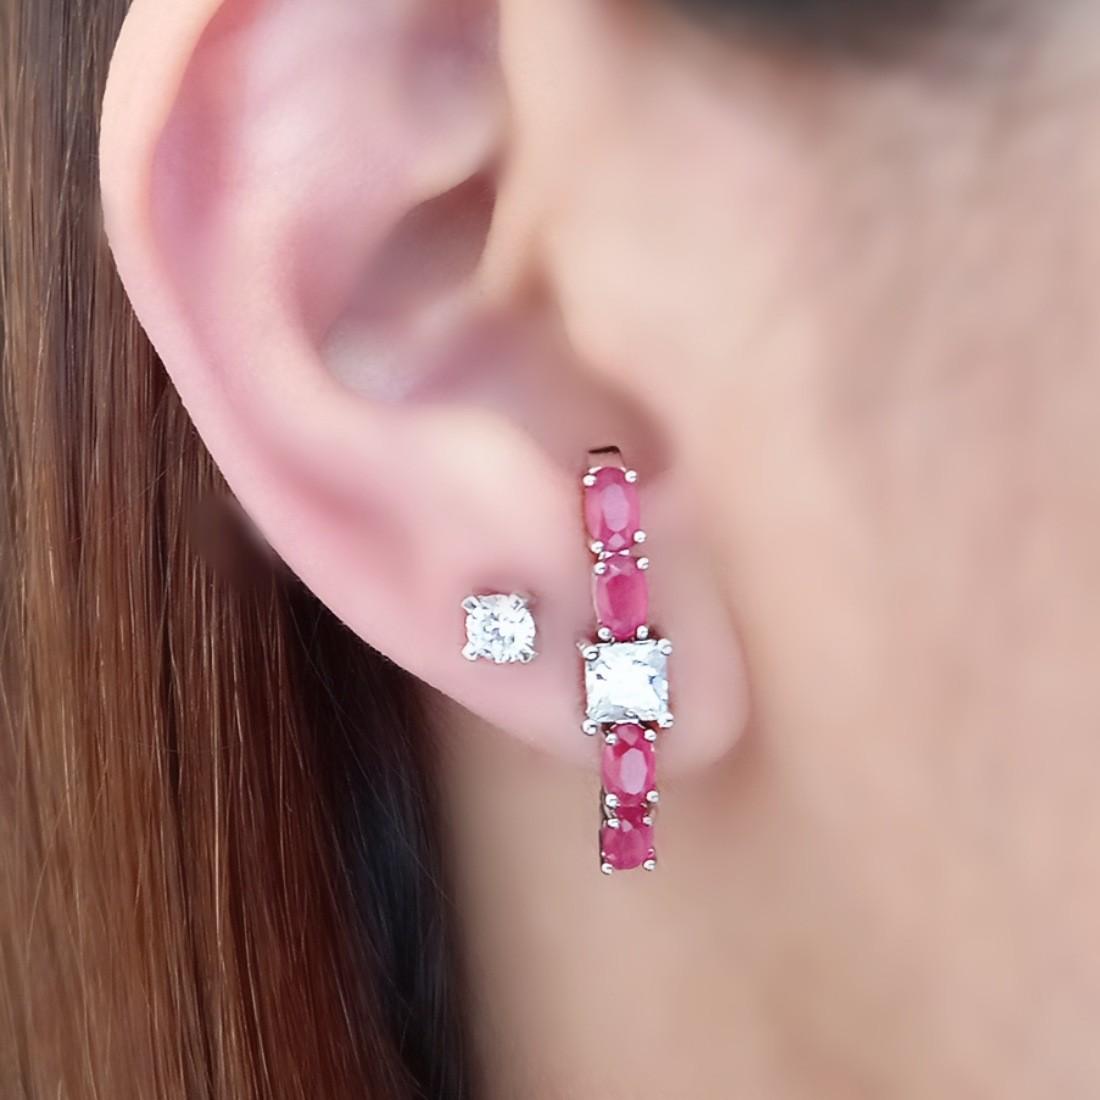 Ear Hook Brinco Rubi Leitoso com Zircônia Quadrada Cristal Semijoia Fina em Ródio Branco  - Soloyou